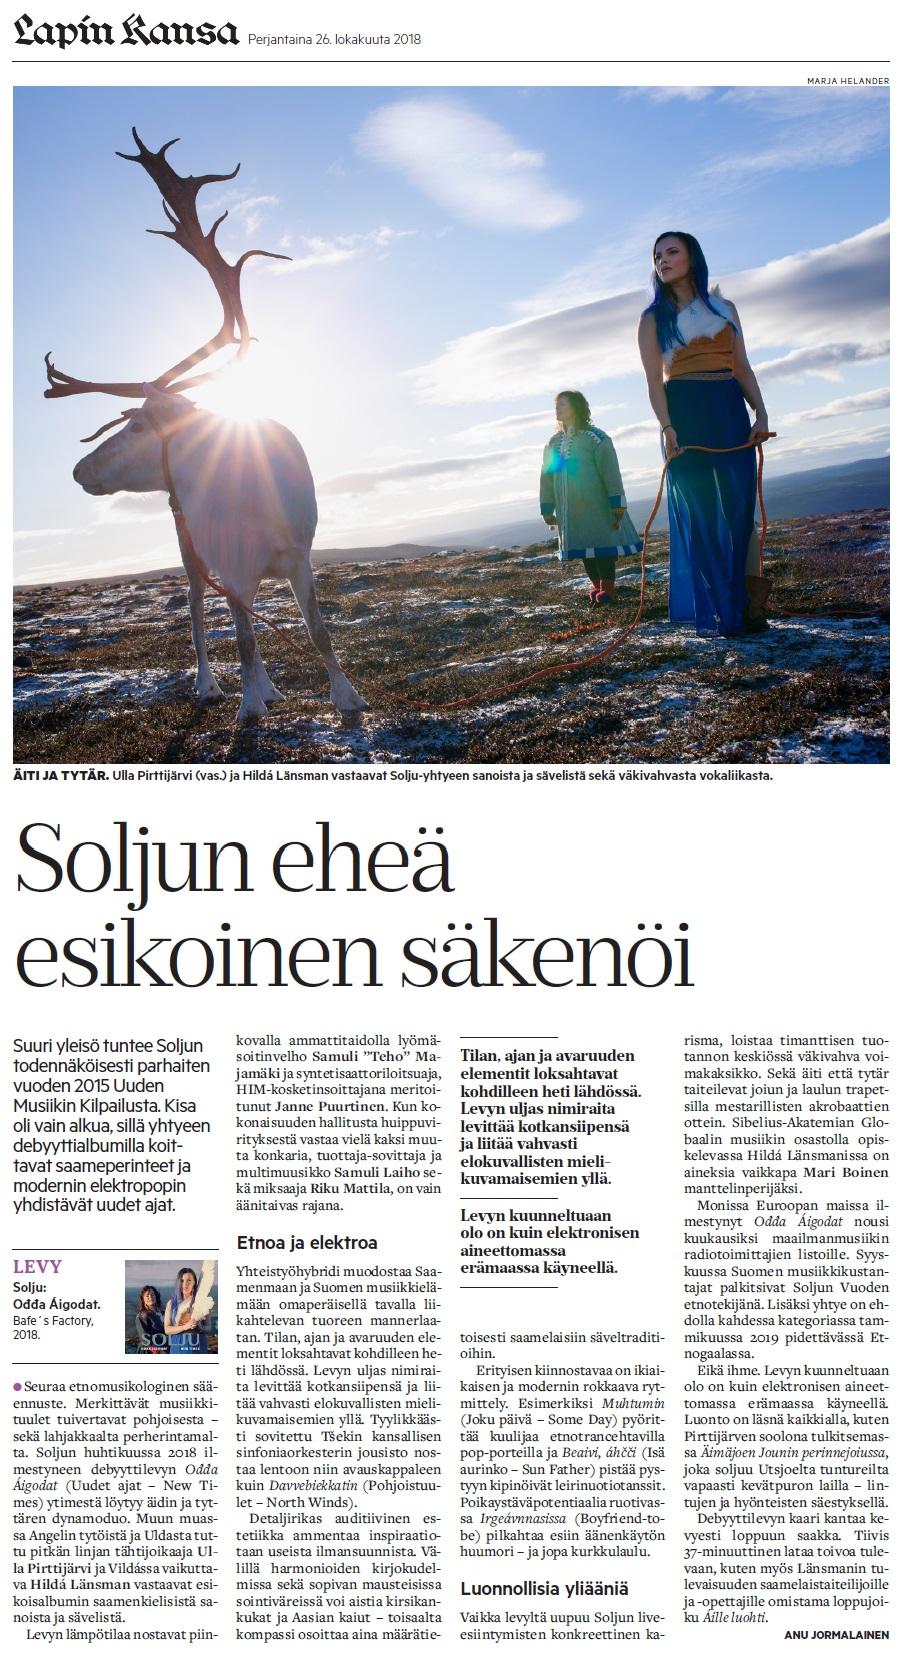 Lapin Kansa (Finland), 26.10.2018